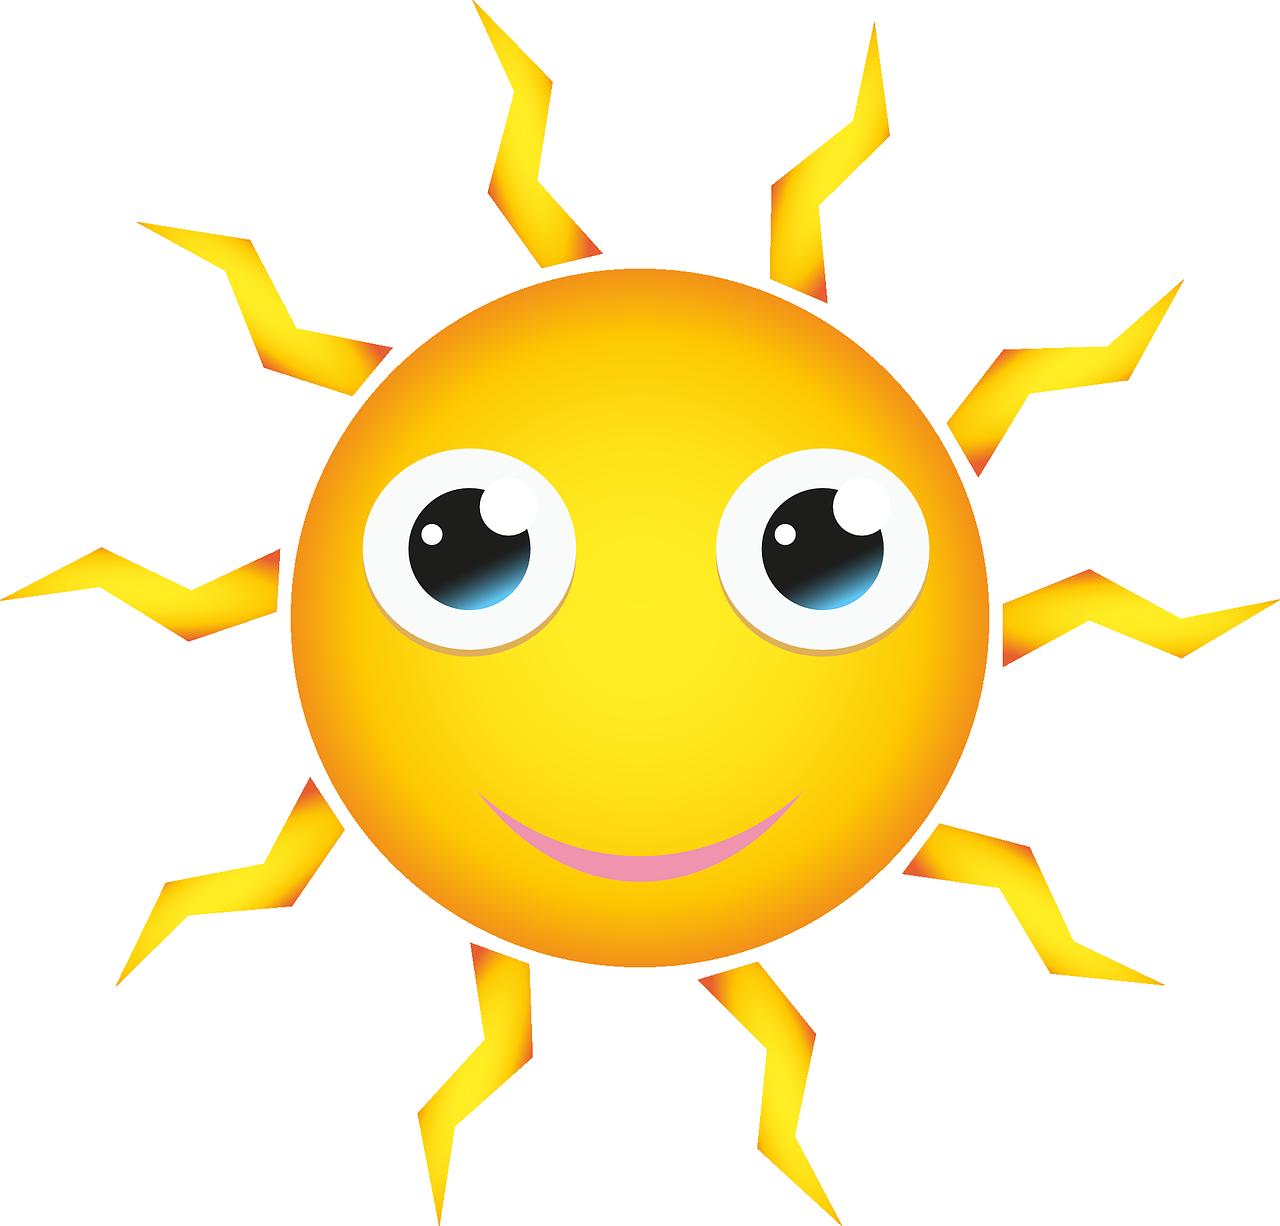 01474380016b8c 80% Nederlanders niet gewezen op gevaren zon voor ogen